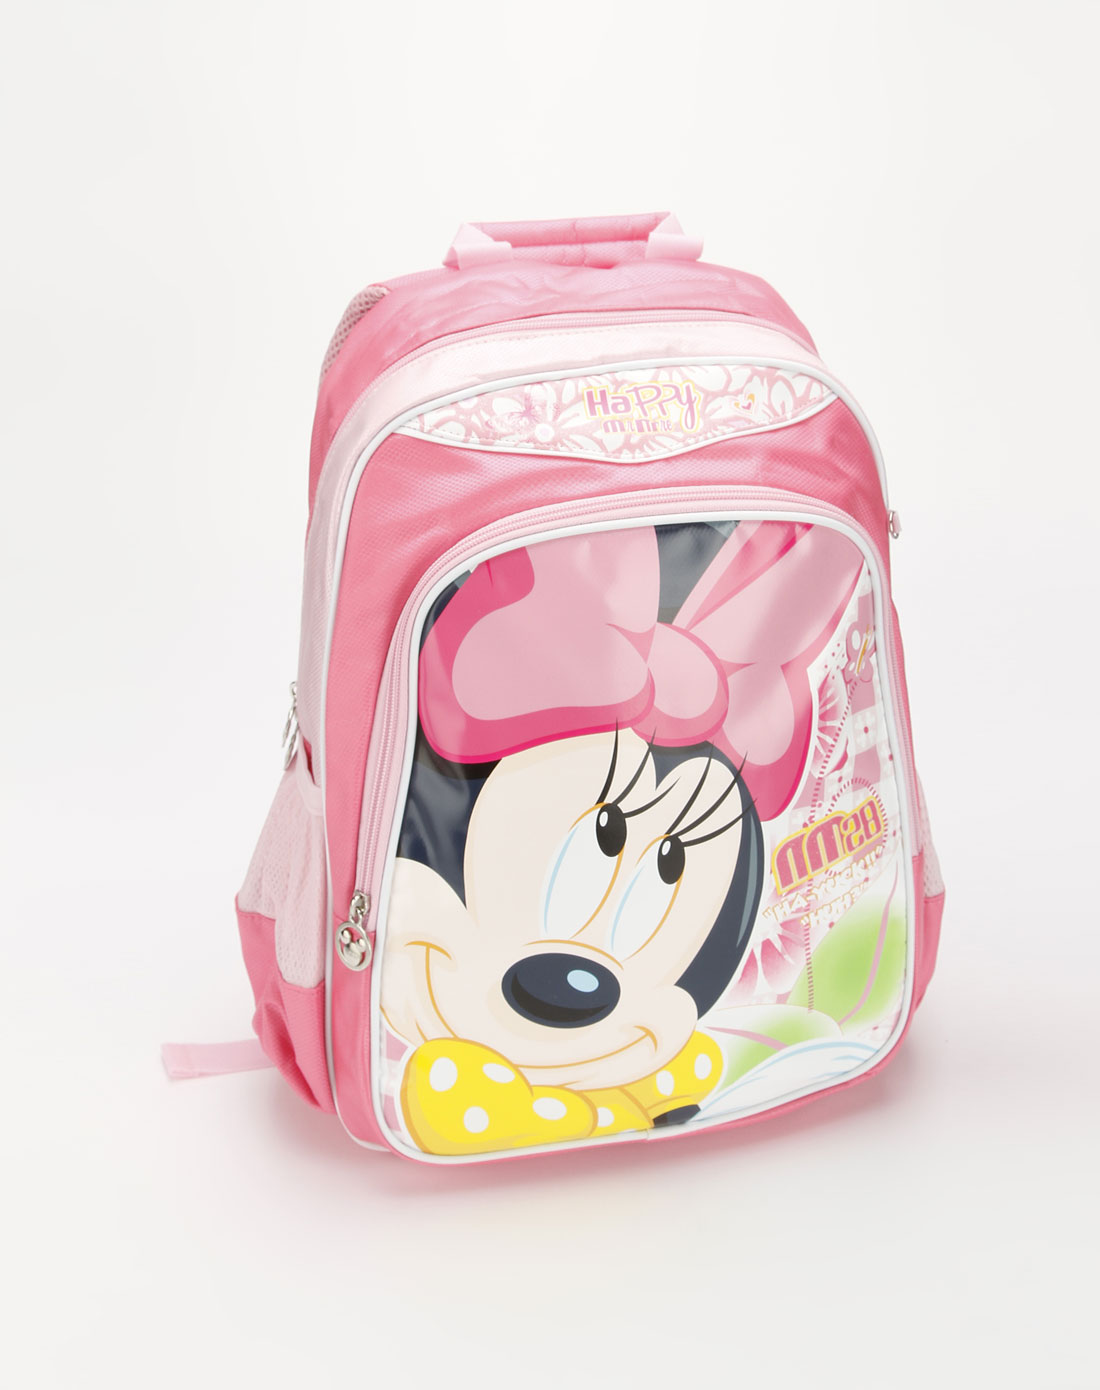 迪士尼disney儿童用品专场女童桃红女童桃红色米妮mb